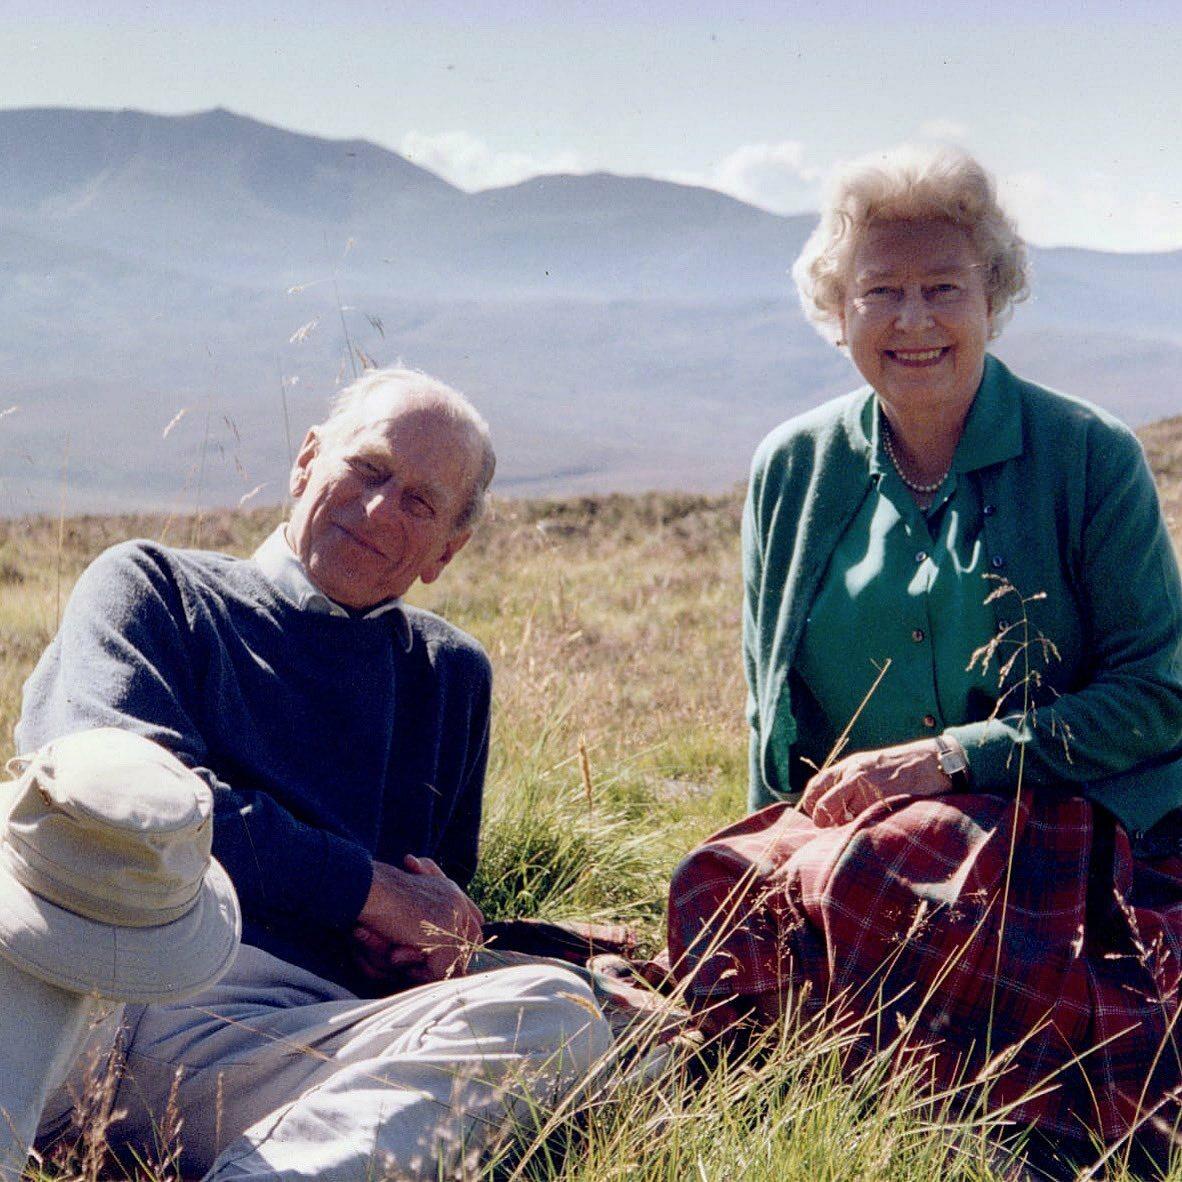 Książę Filip i królowa Elżbieta II w 2003 roku w Szkocji